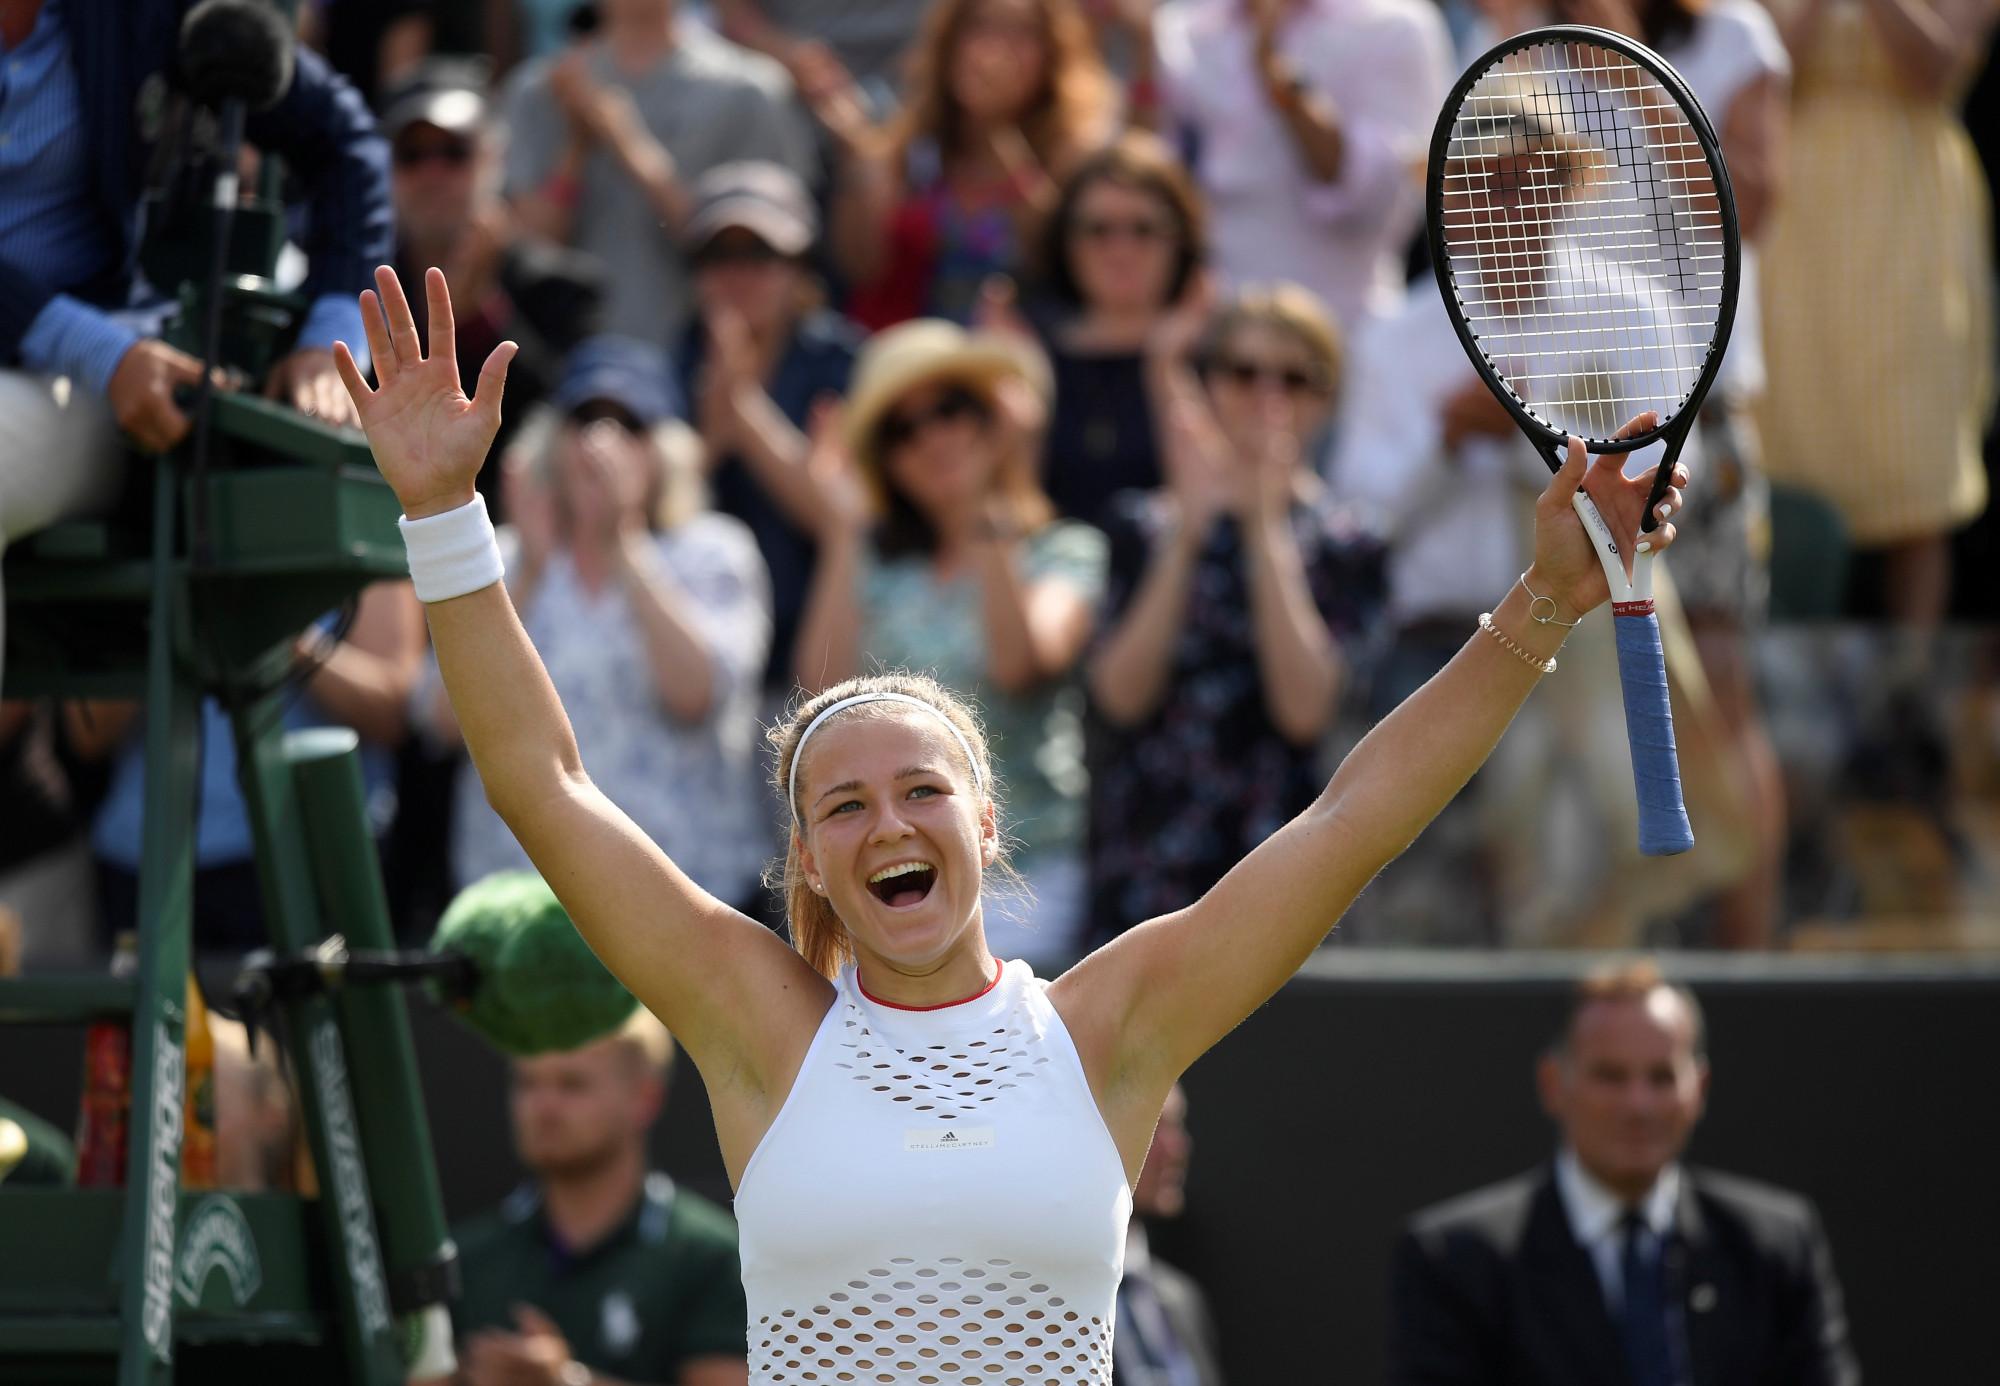 【温布顿网球公开赛】女单前六种子出局 小威强势杀入八强